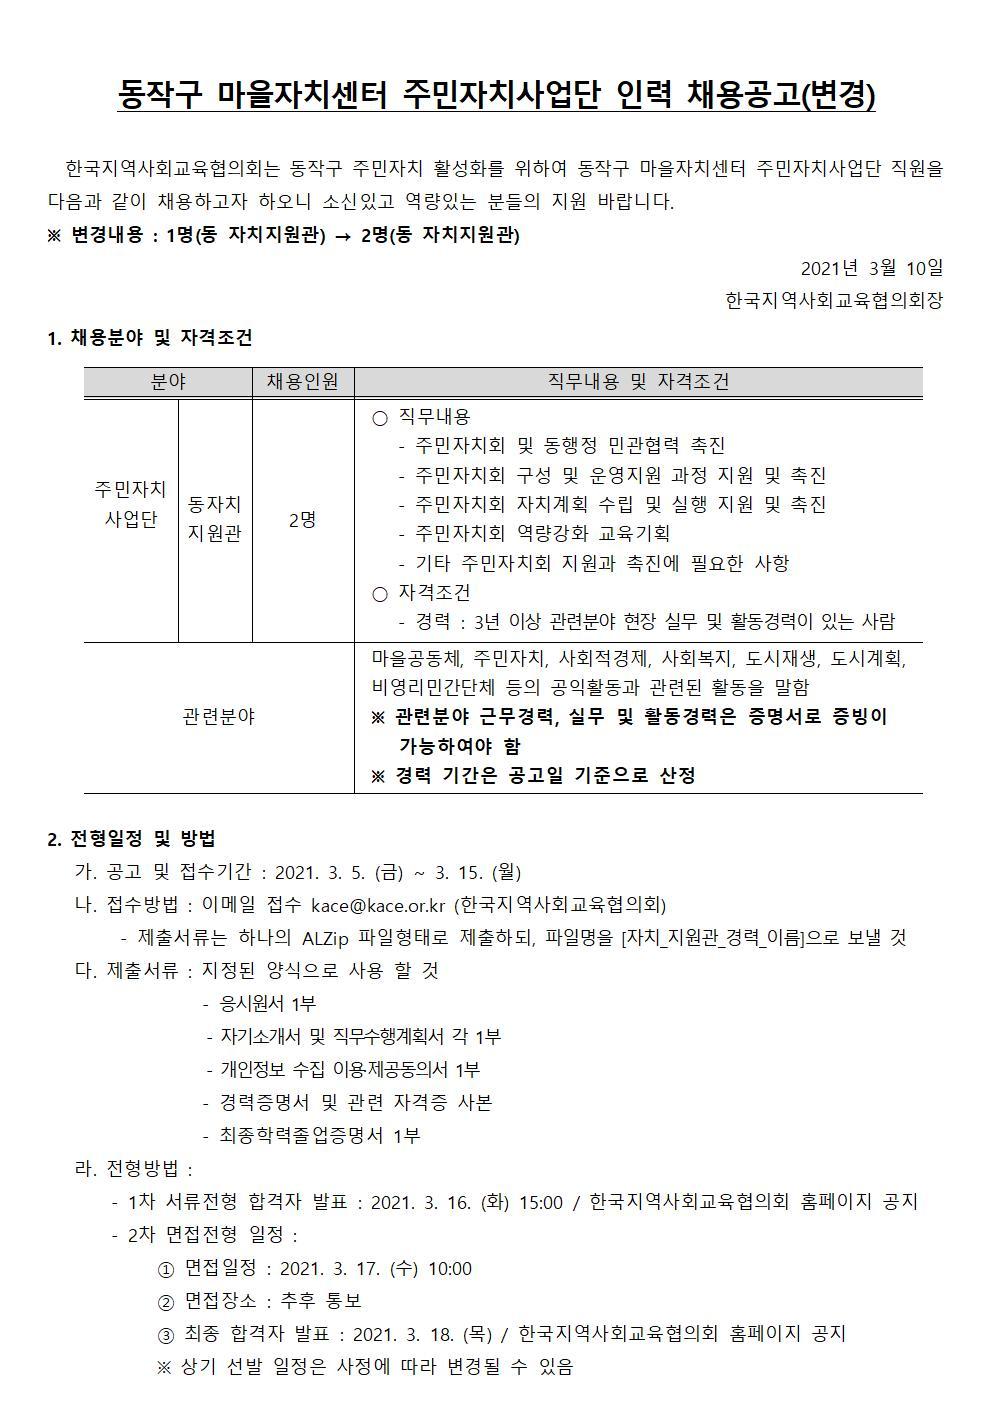 동작구사업단 인력모집  수정 공고문(21.3.10.)001.jpg